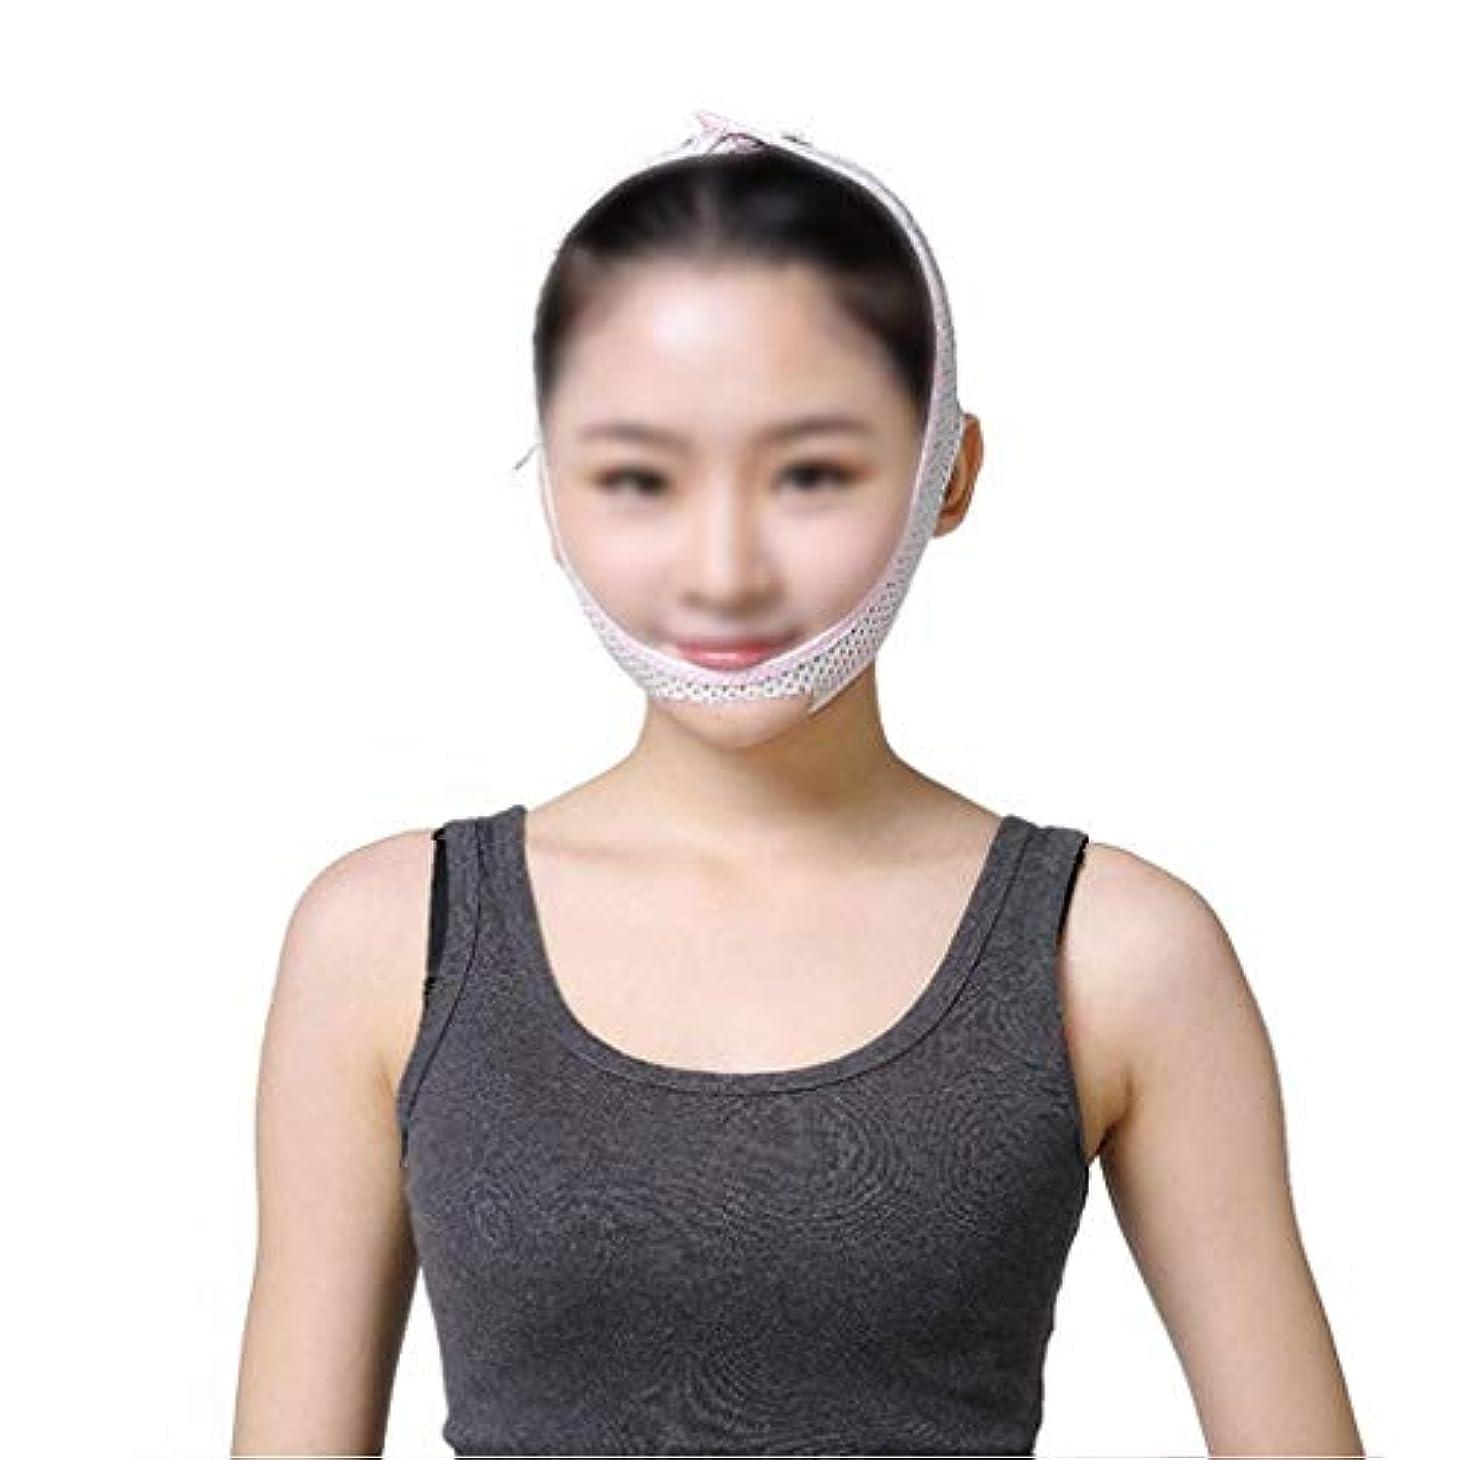 玉ウルル大胆不敵フェイスリフティングマスク、快適で リフティングスキンファーミングスリープシンフェイスアーティファクトアンチリンクル/リムーブダブルチン/術後回復マスク(サイズ:M)